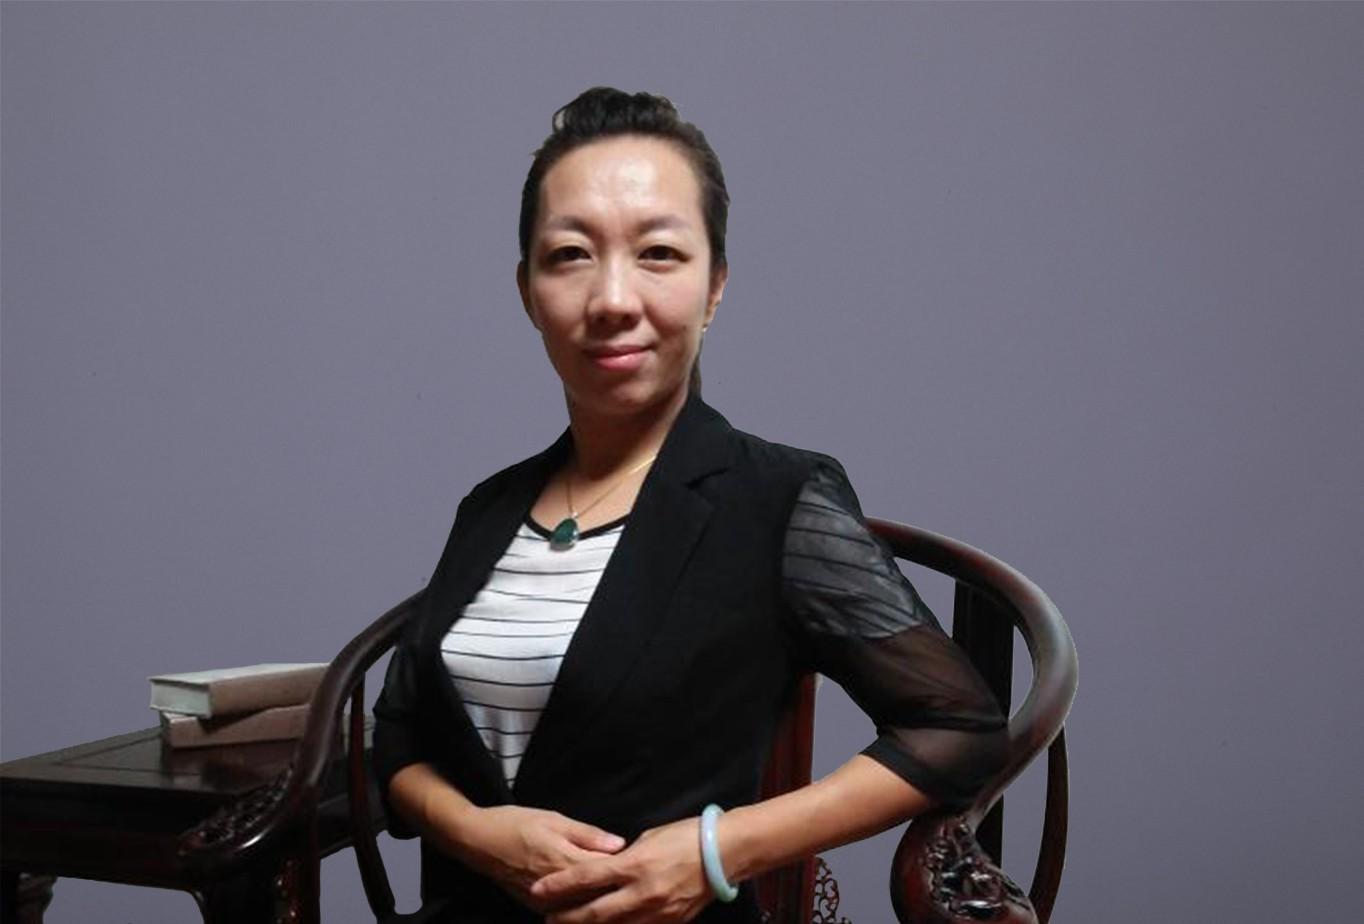 Rui Chen